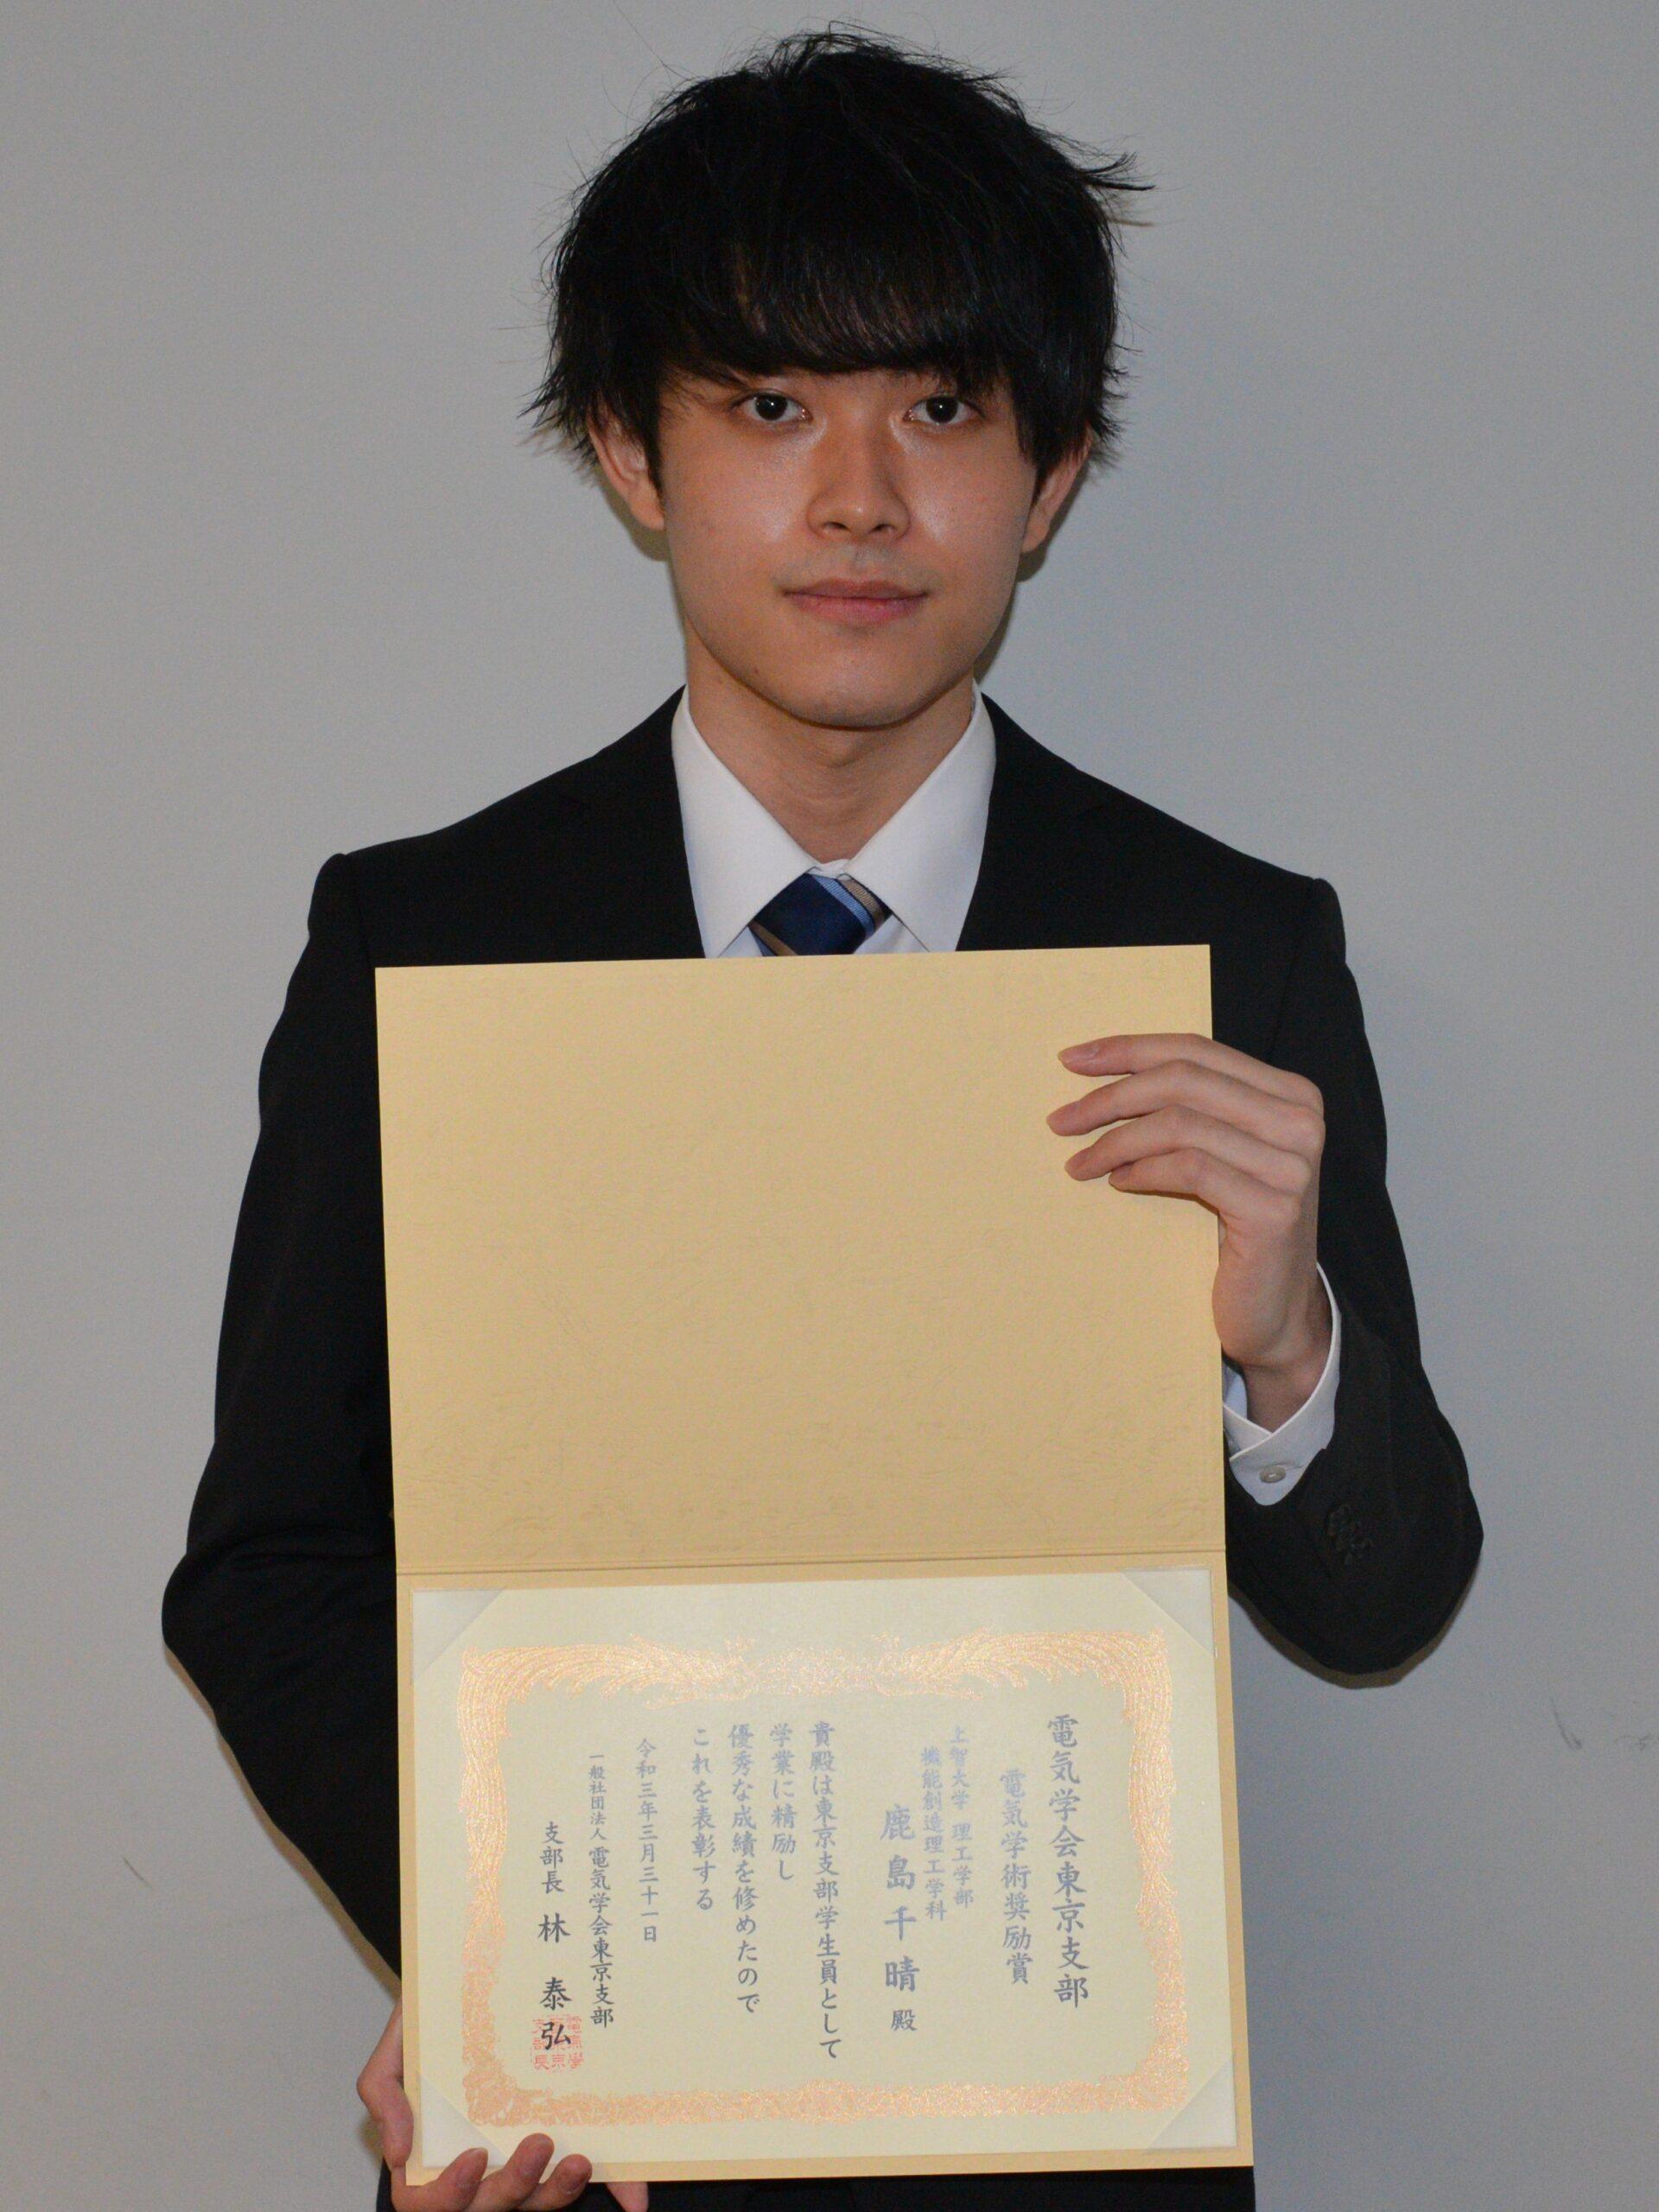 理工学部機能創造理工学科4年の鹿島千晴さんが電気学会の電気学術奨励賞を受賞